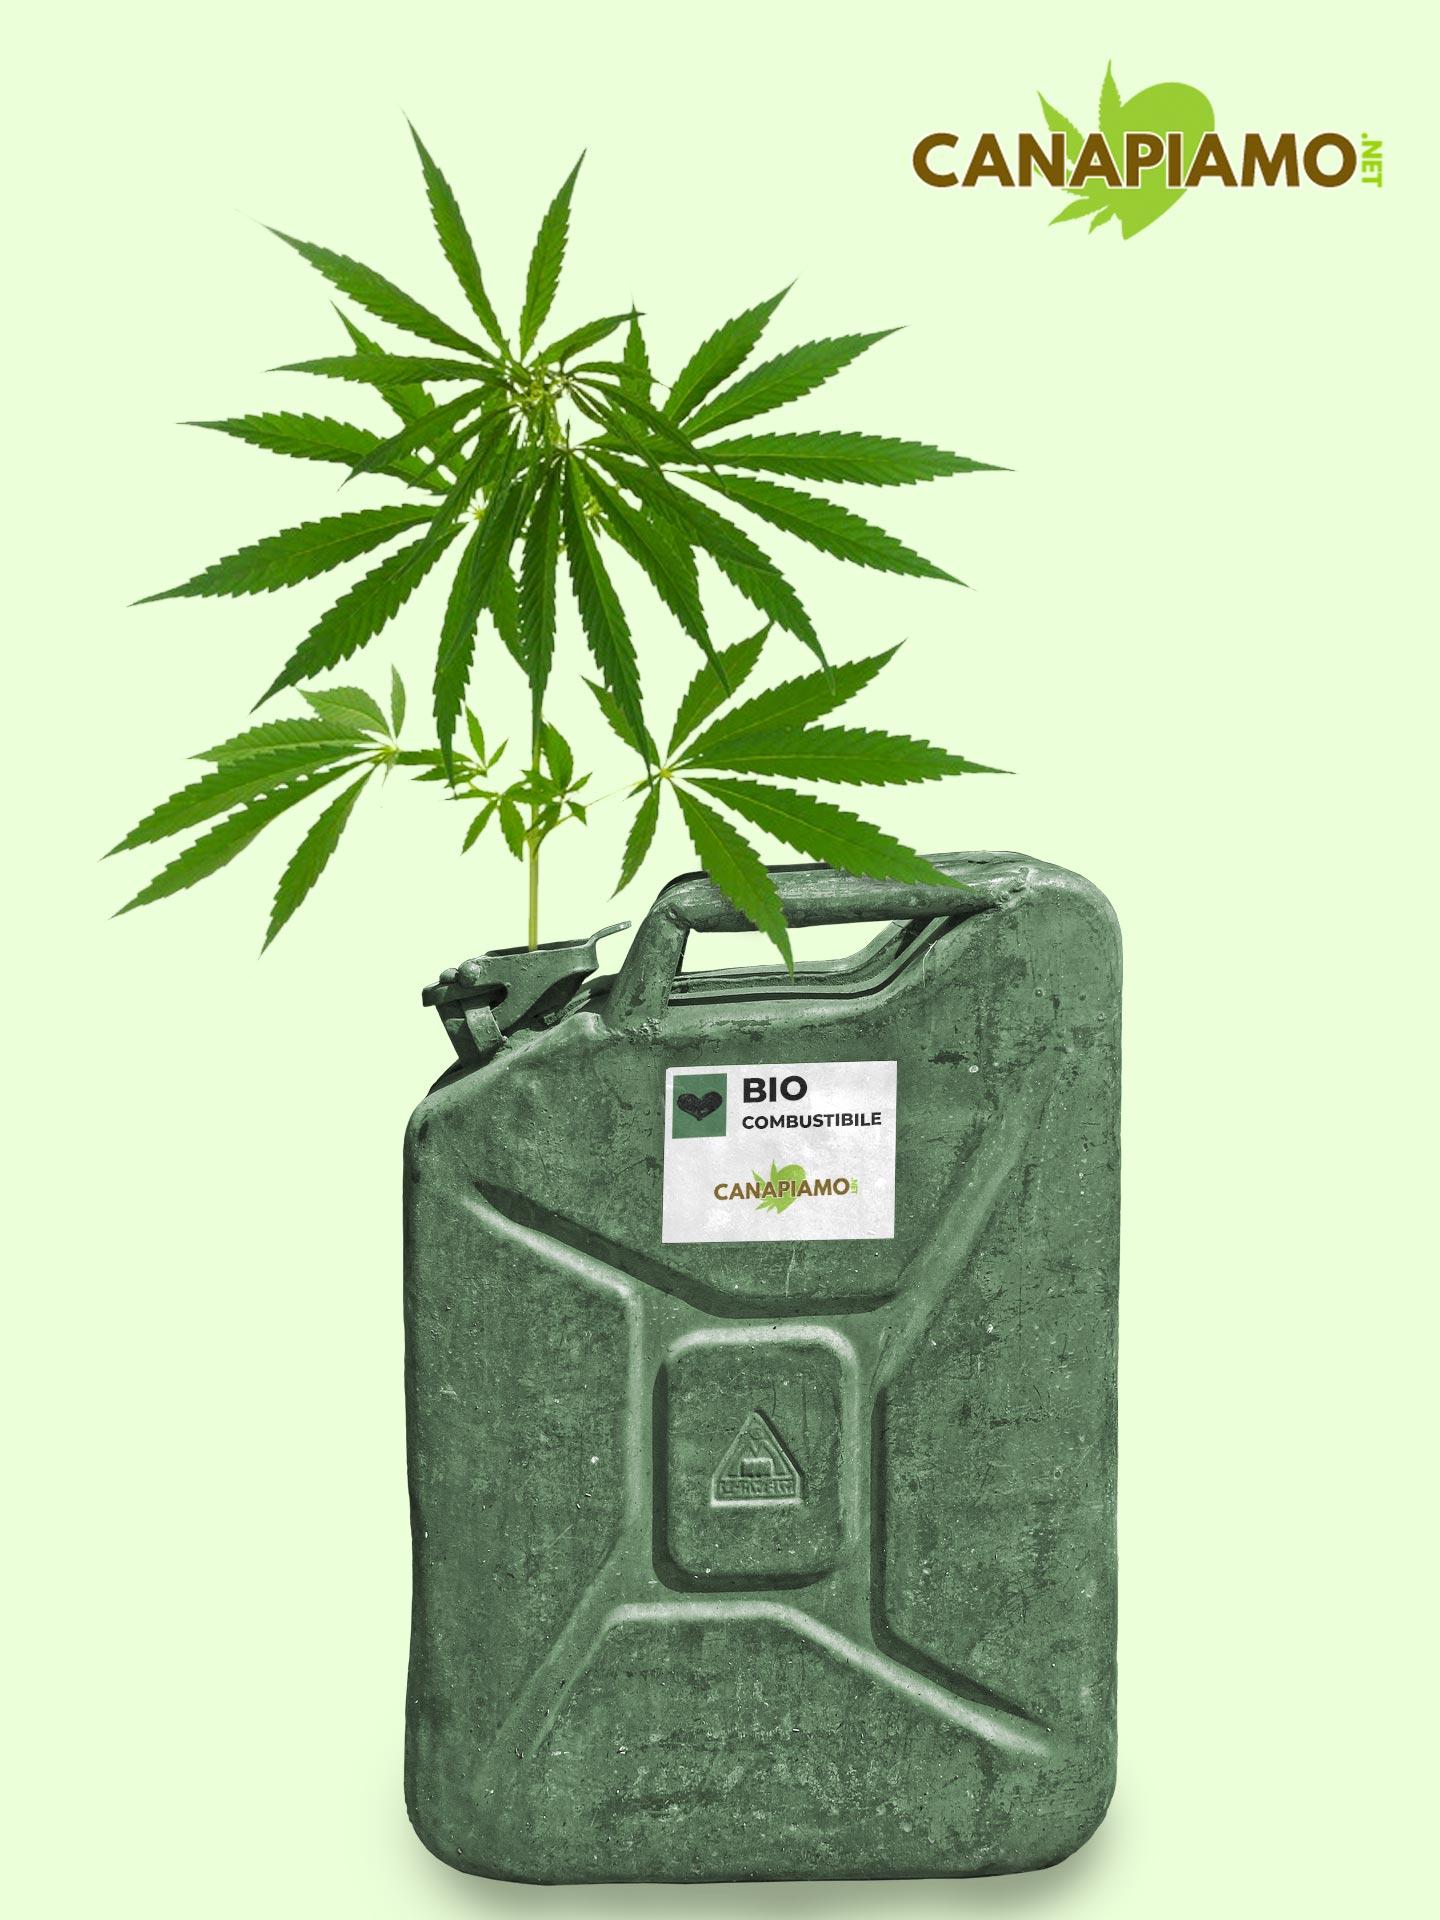 utilizzi della canapa, combustibili canapa, biocombustibili, bio diesel